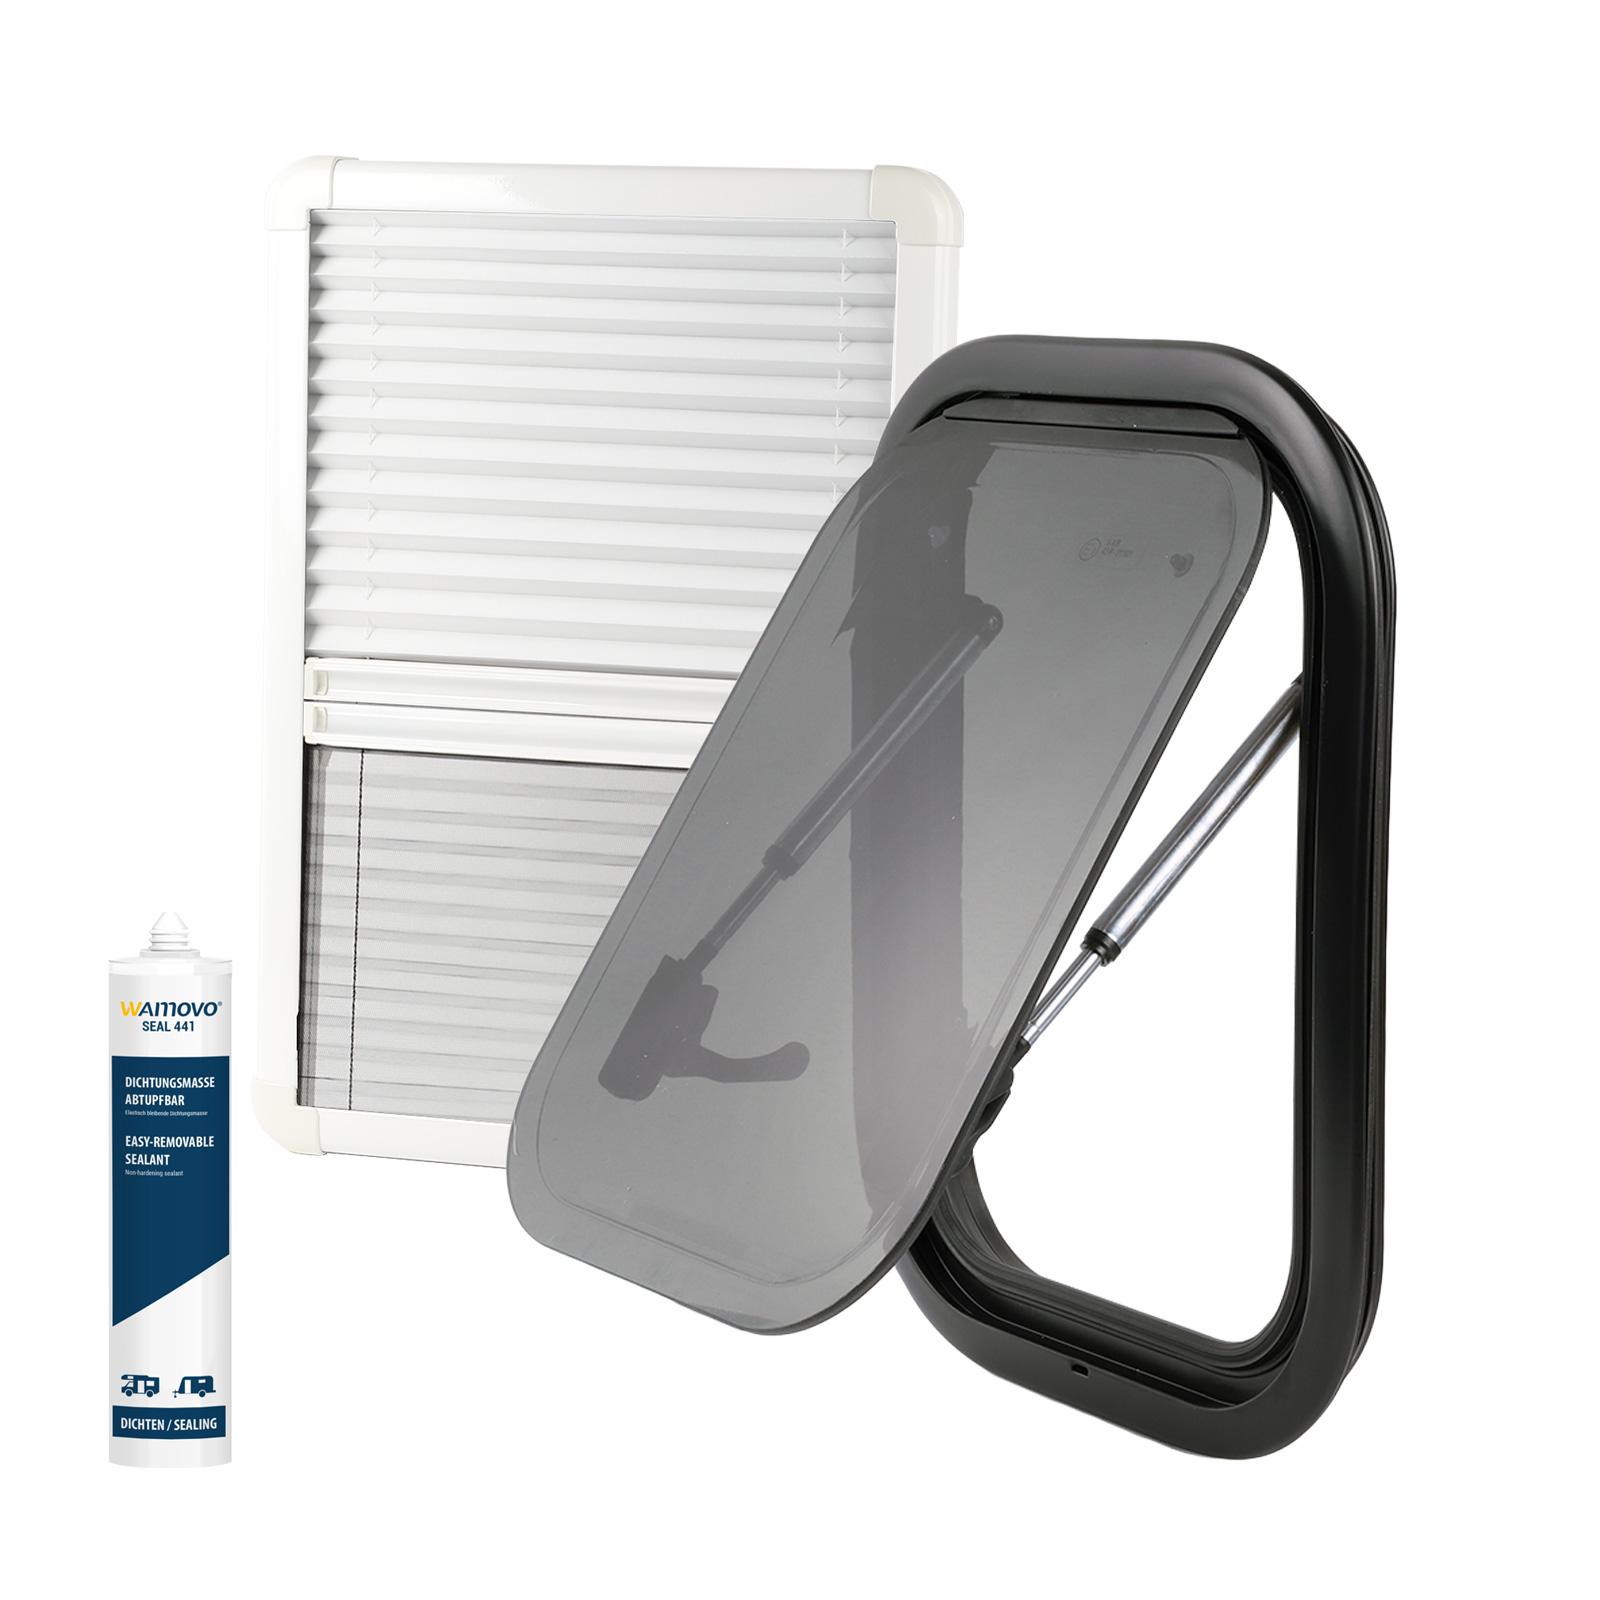 Set Ausstellfenster RW Van 280 x 380 inkl. Verdunklung und Insektenschutz